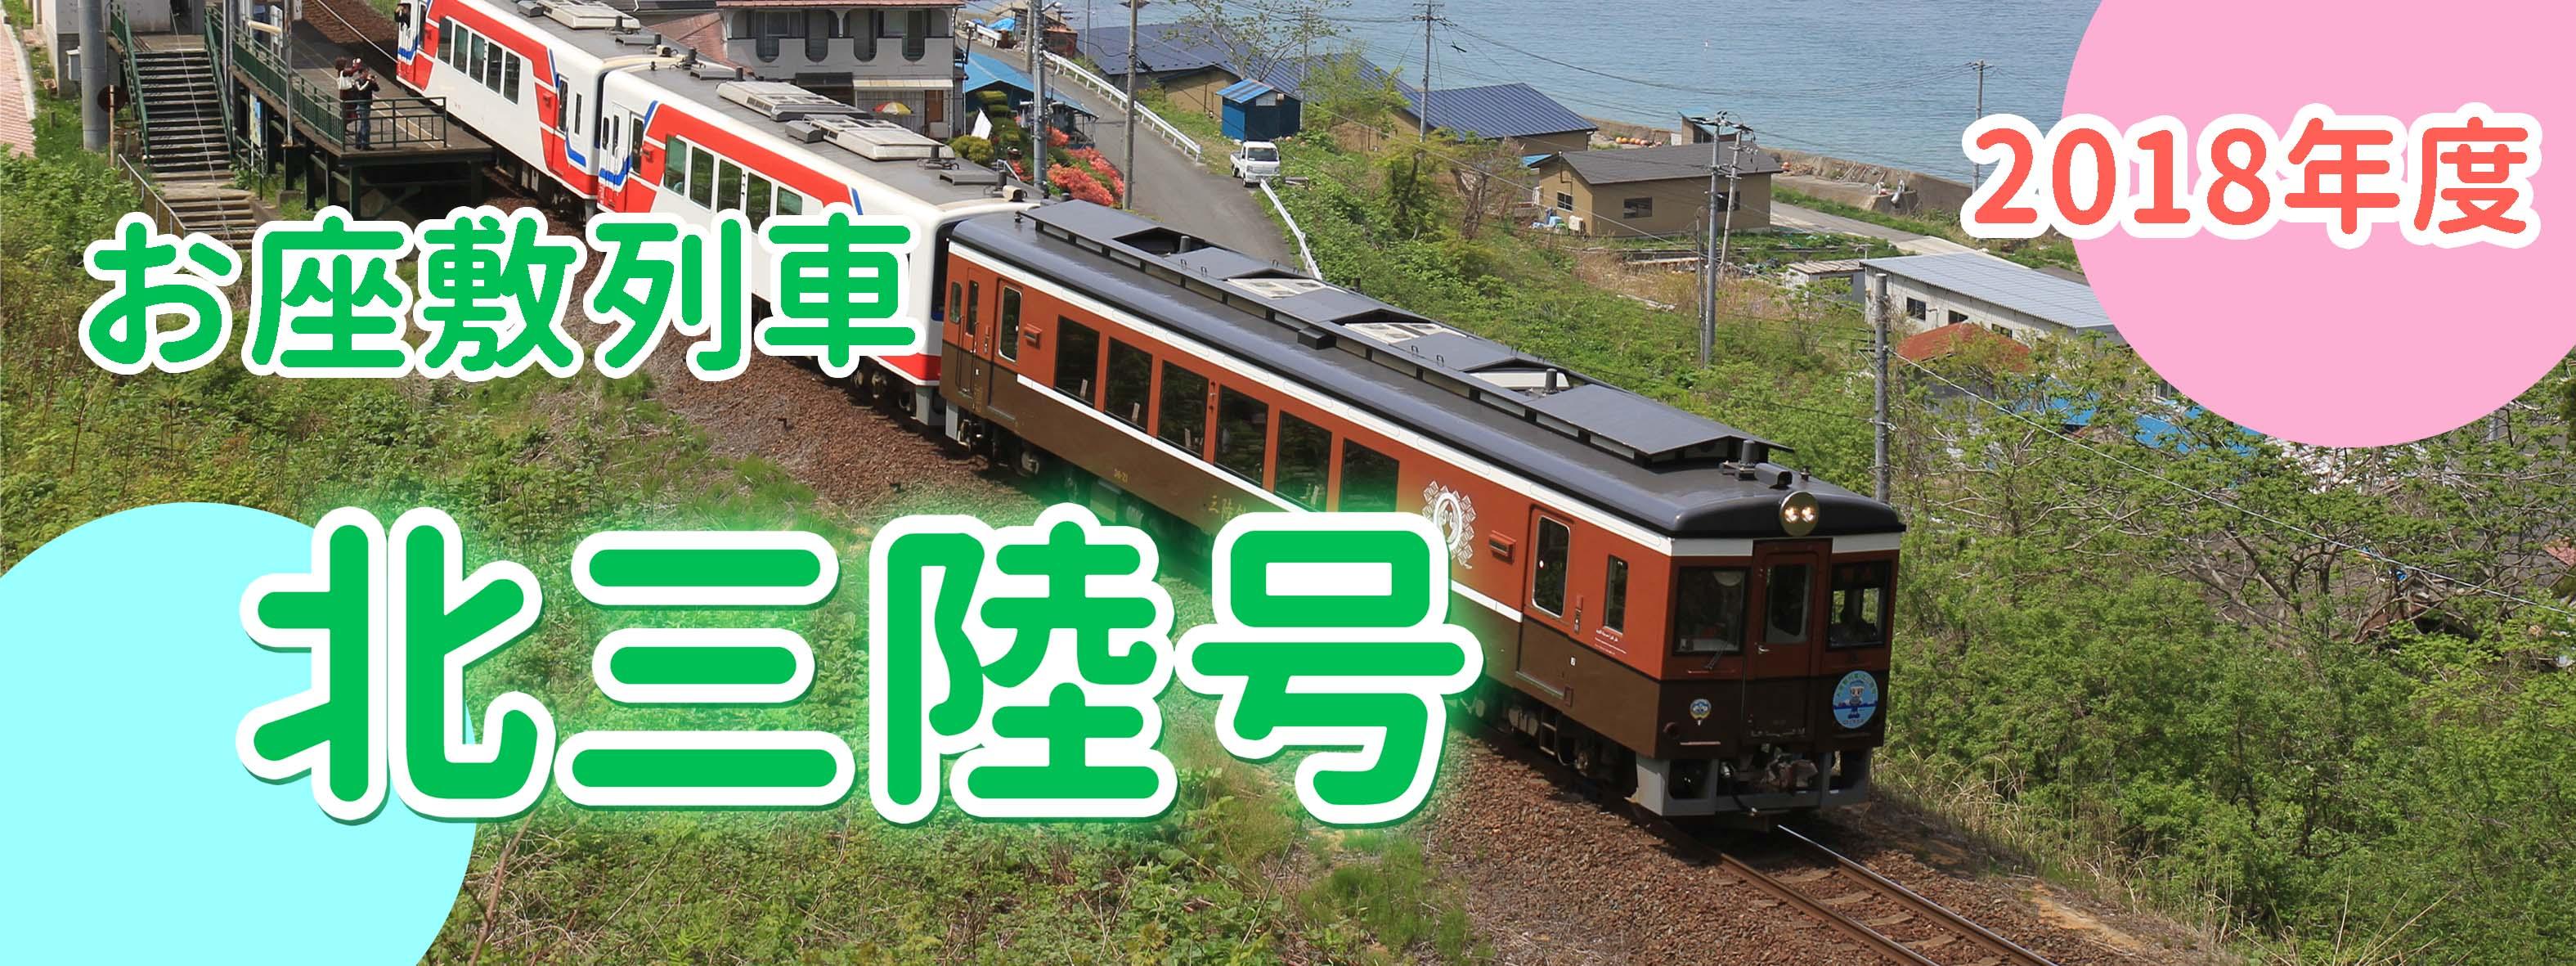 2018年度 お座敷列車北三陸号 運...